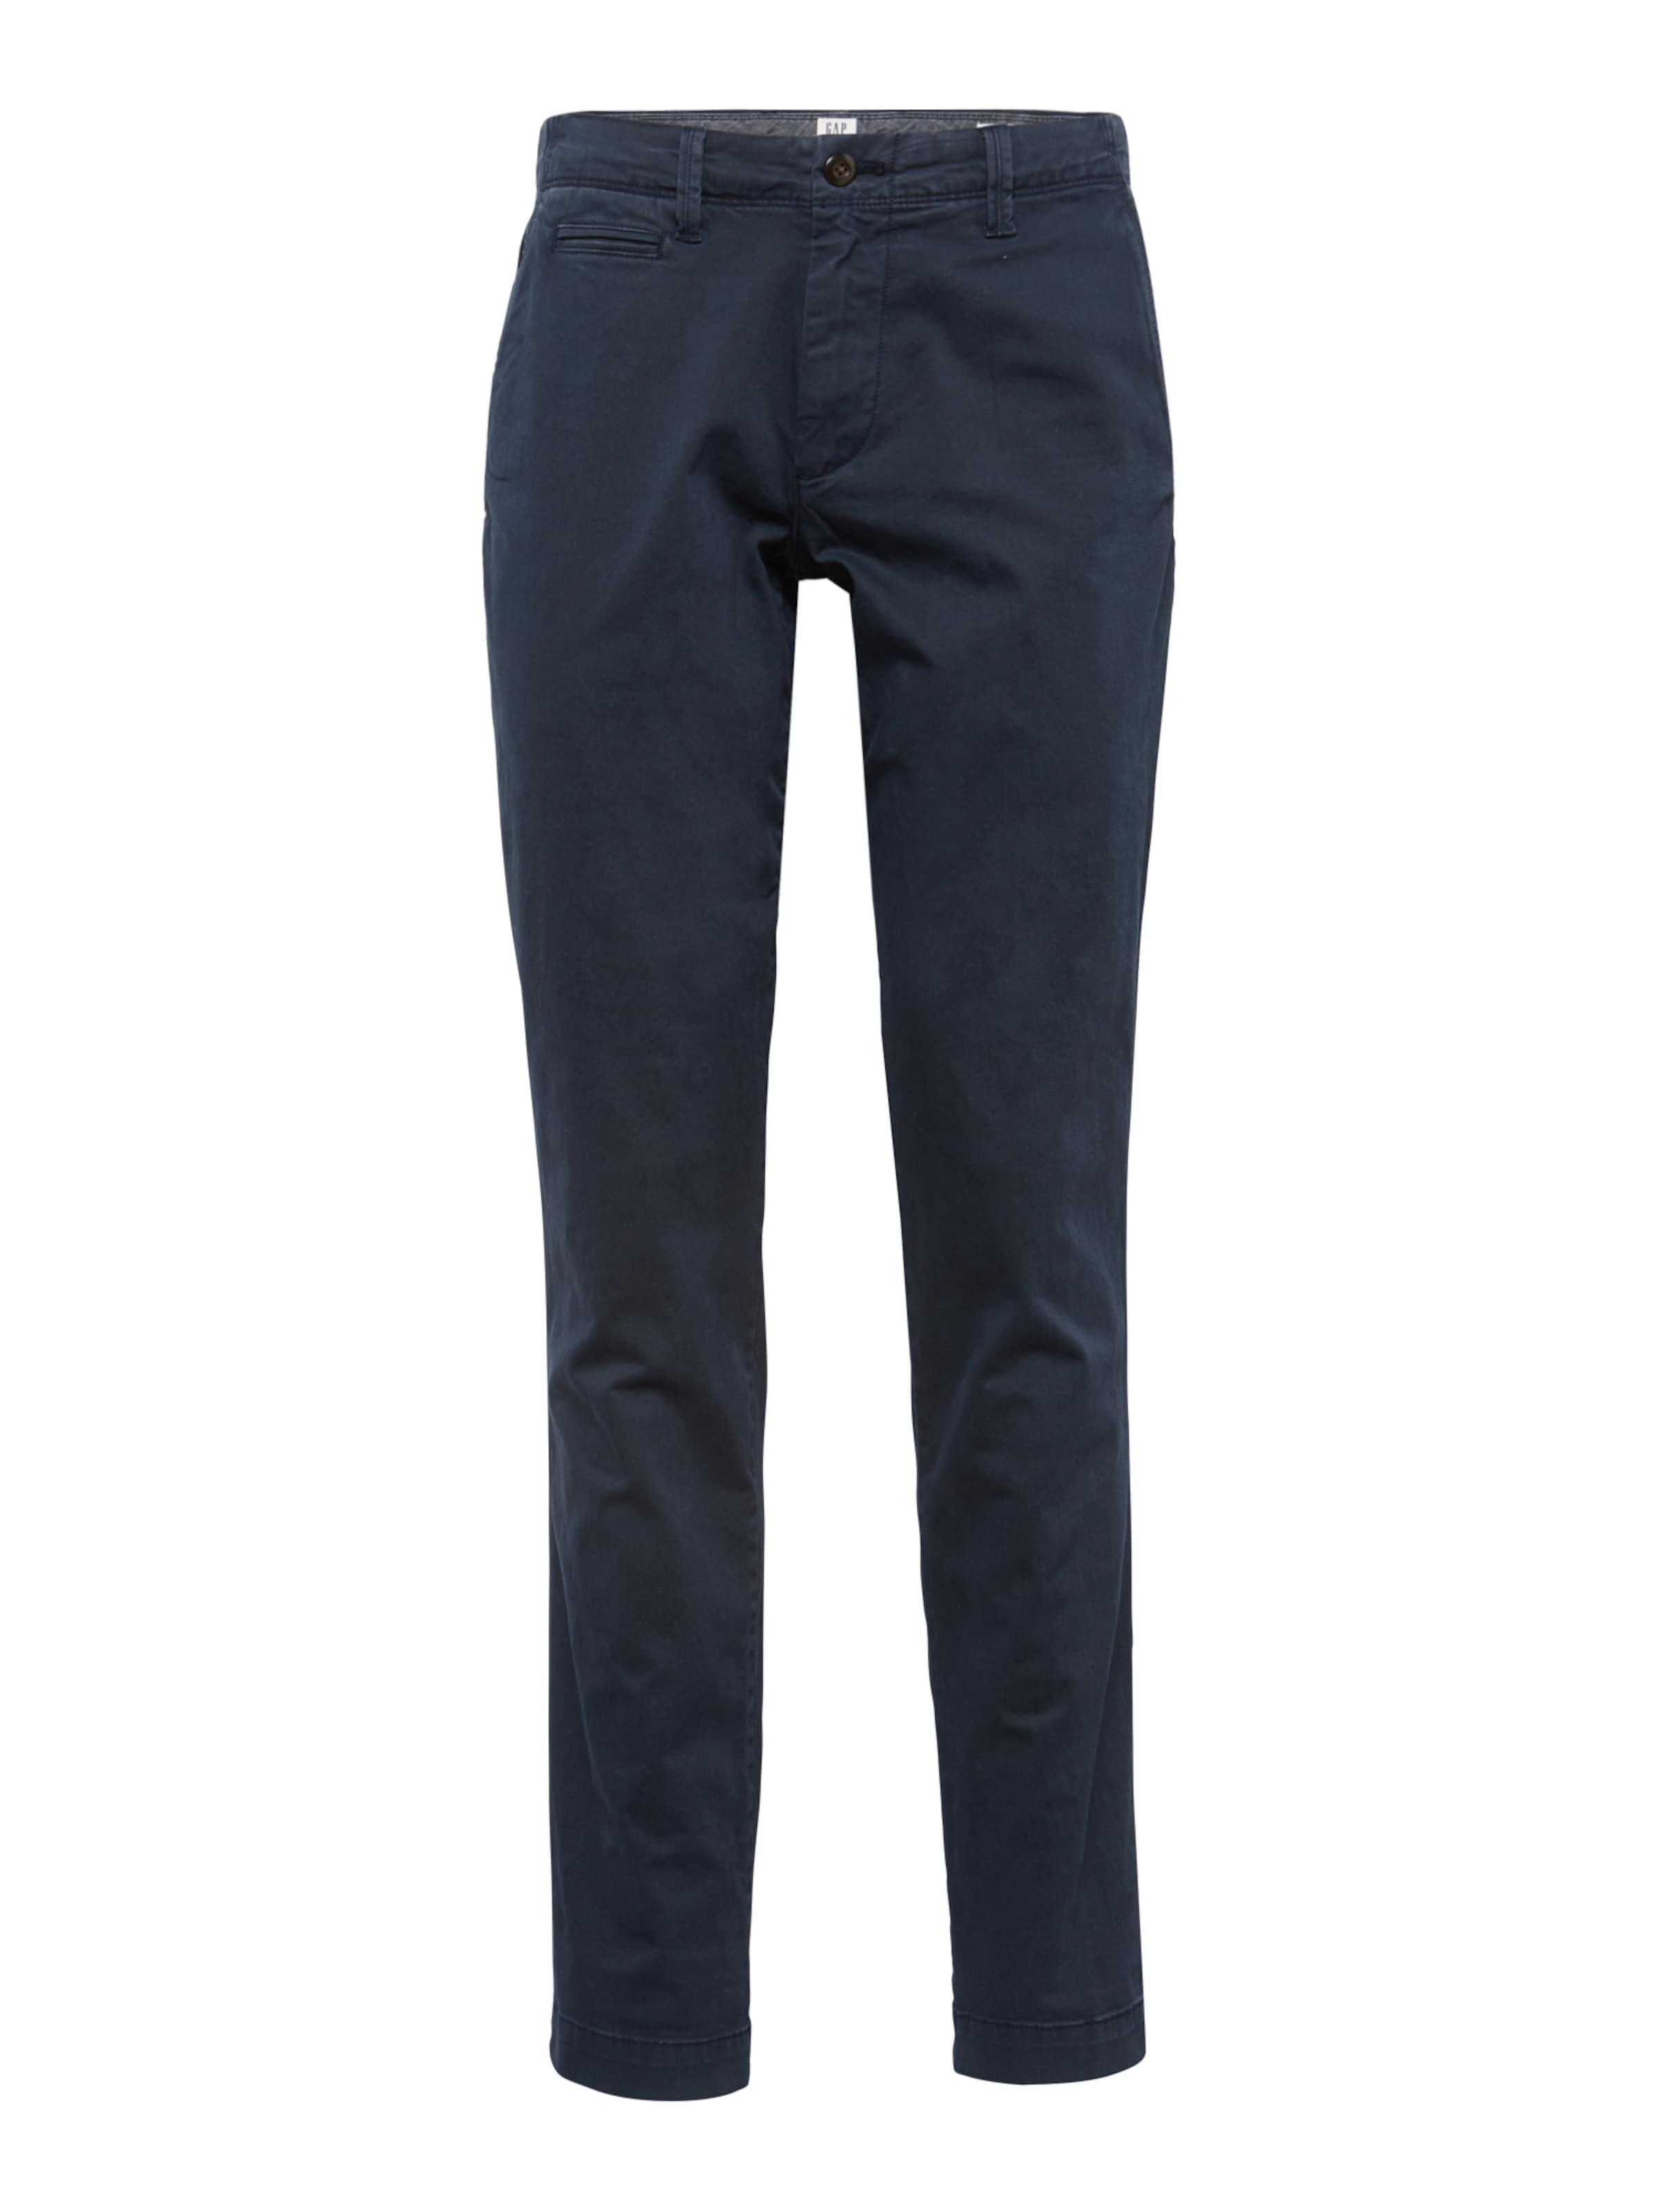 Bleu En Gap Gap Pantalon Marine Pantalon BvPZaIaqw